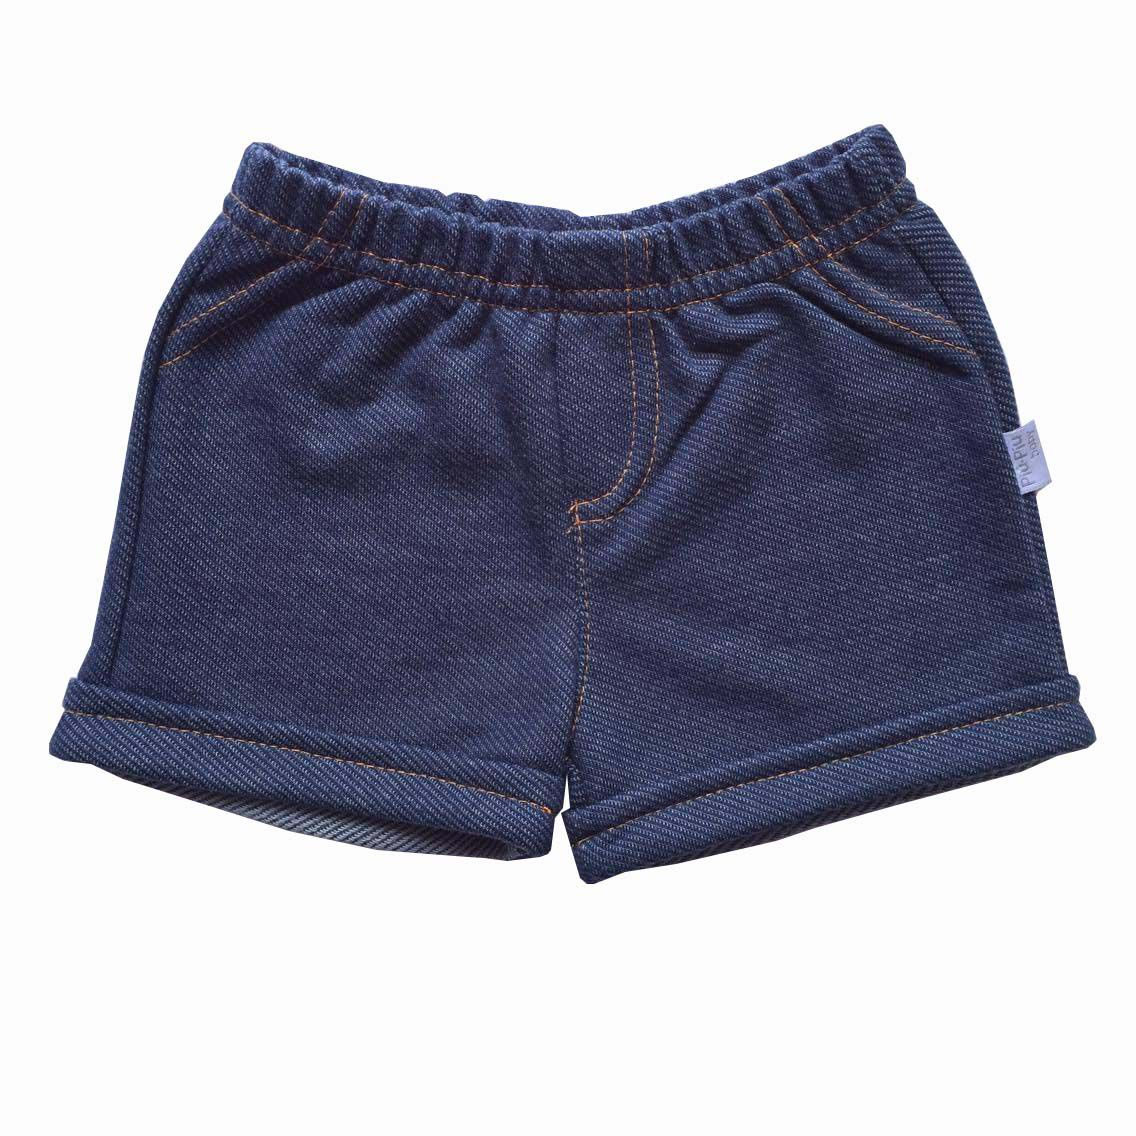 Shorts Malha Jeans Menina - Piu Piu - Tamanho P